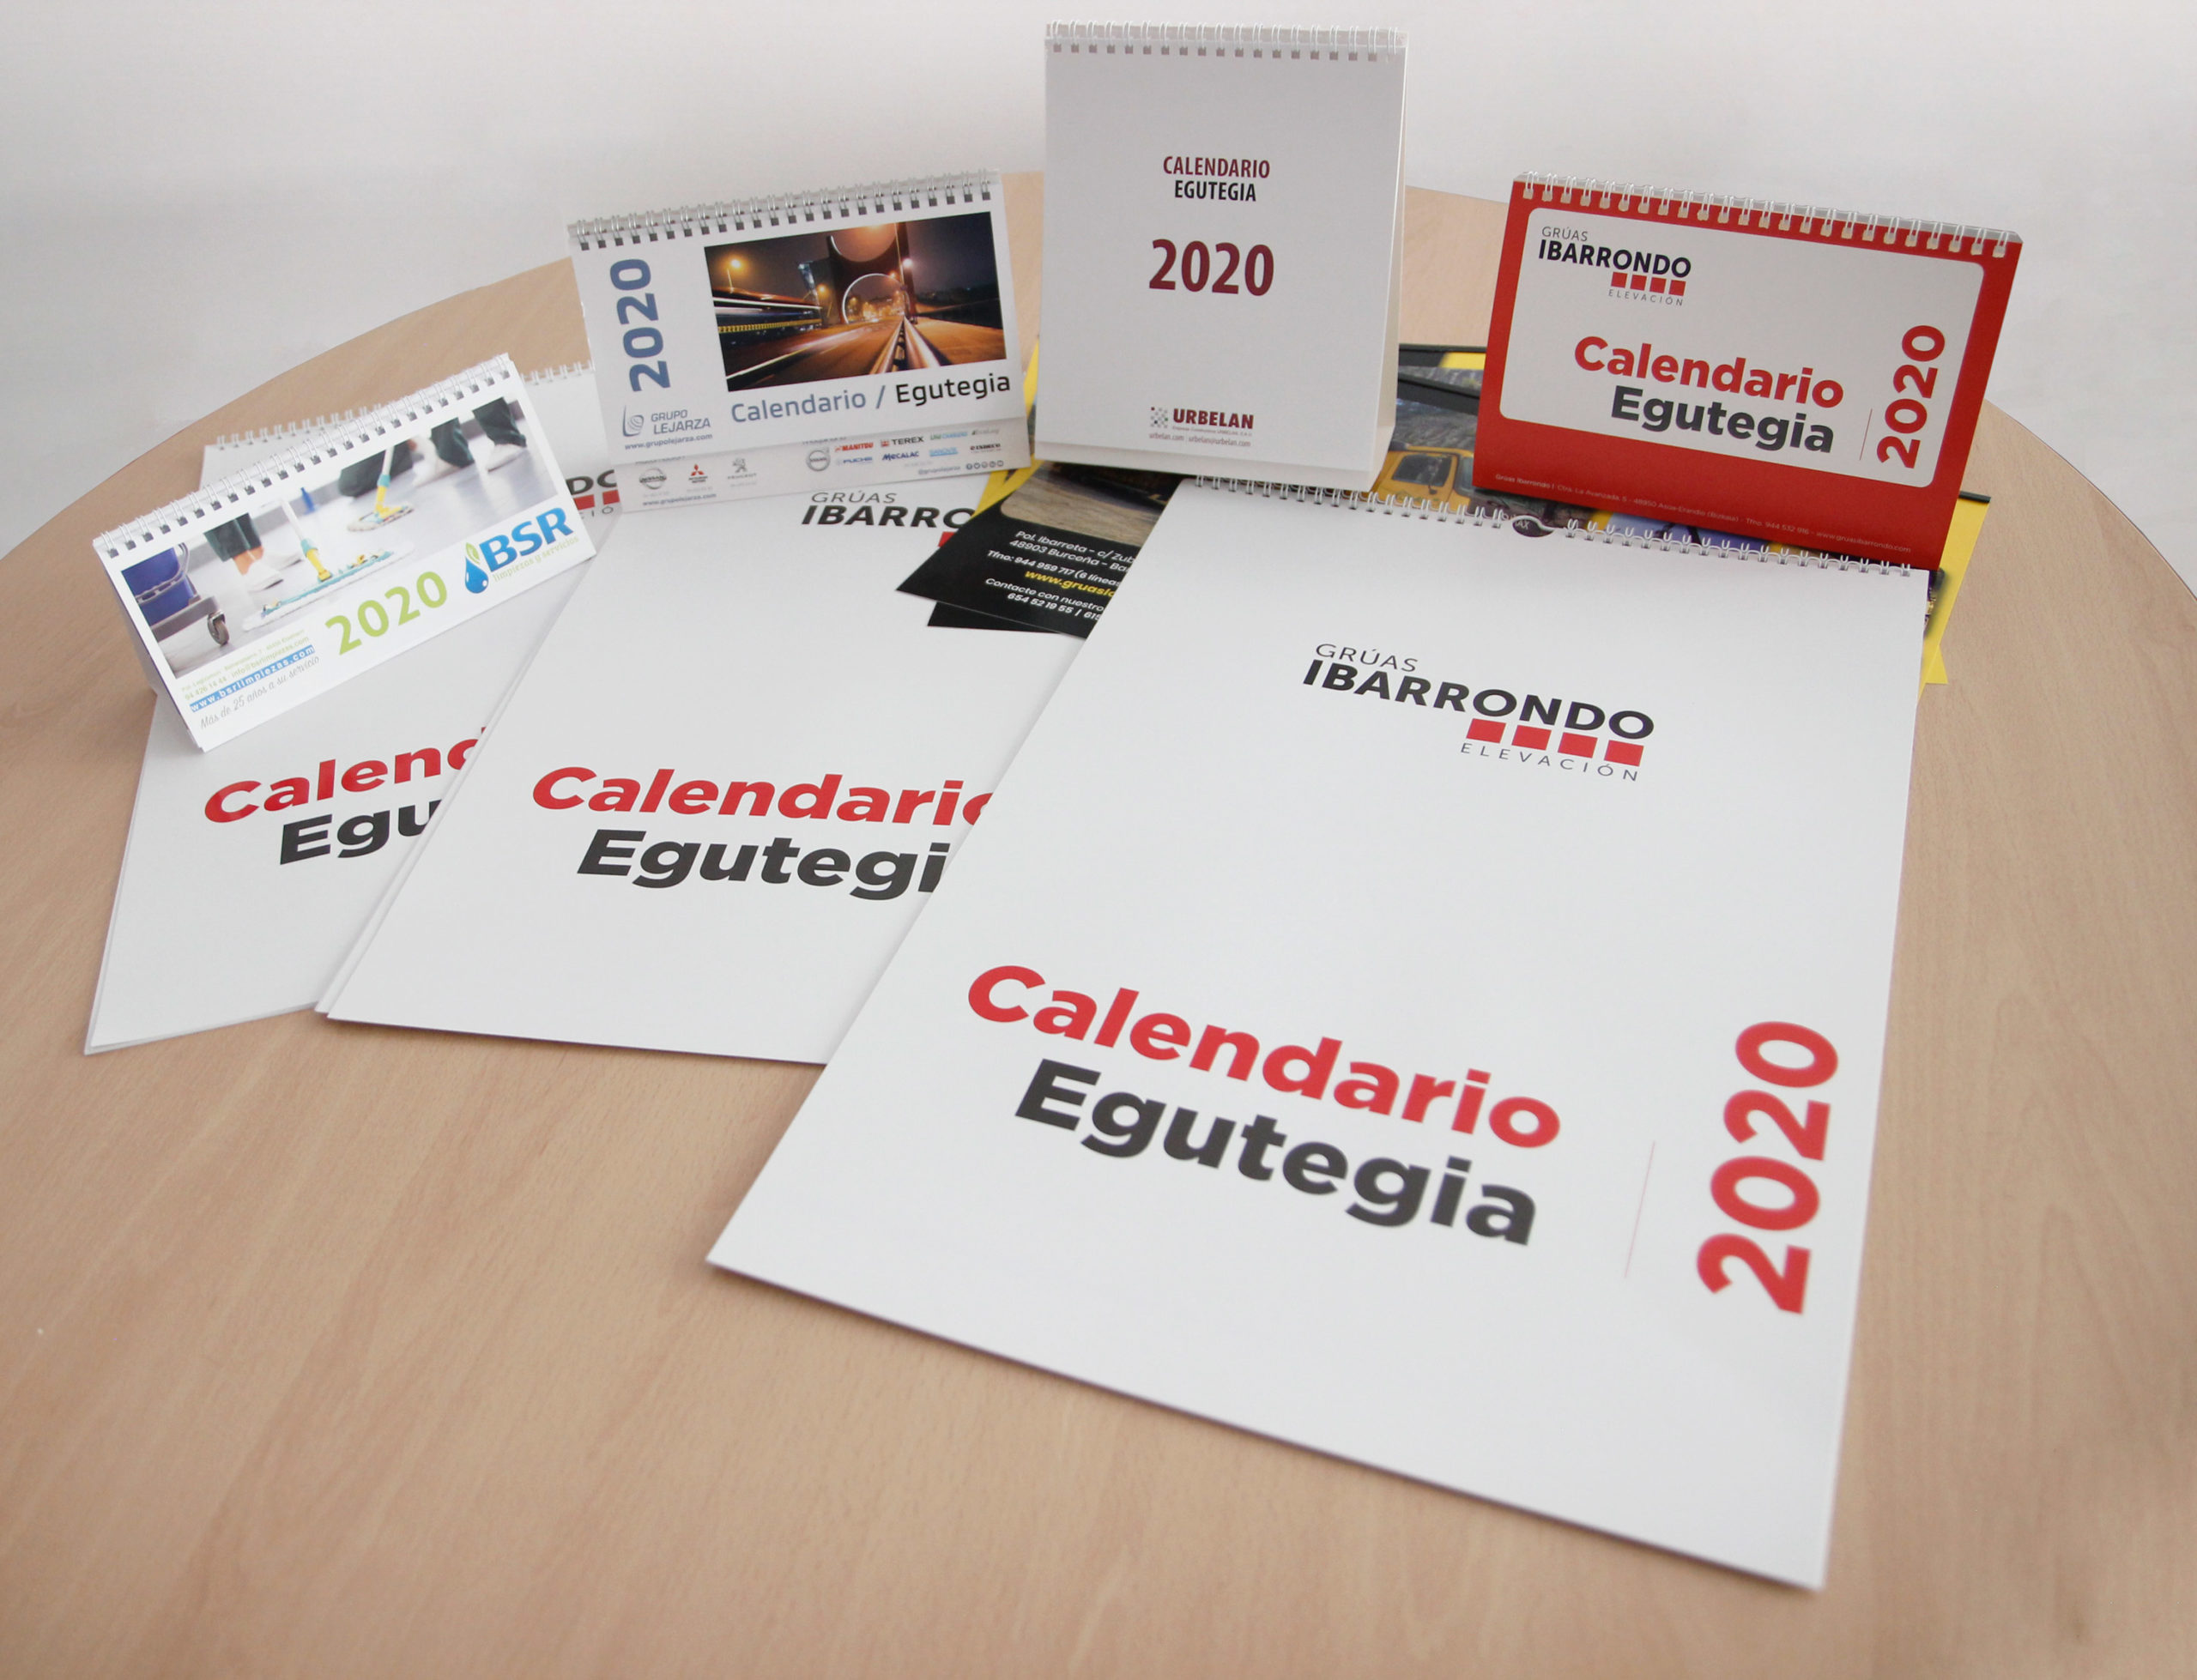 motiva-agencia-comunicacion_diseno-grafico_calendarios_ibarrondo